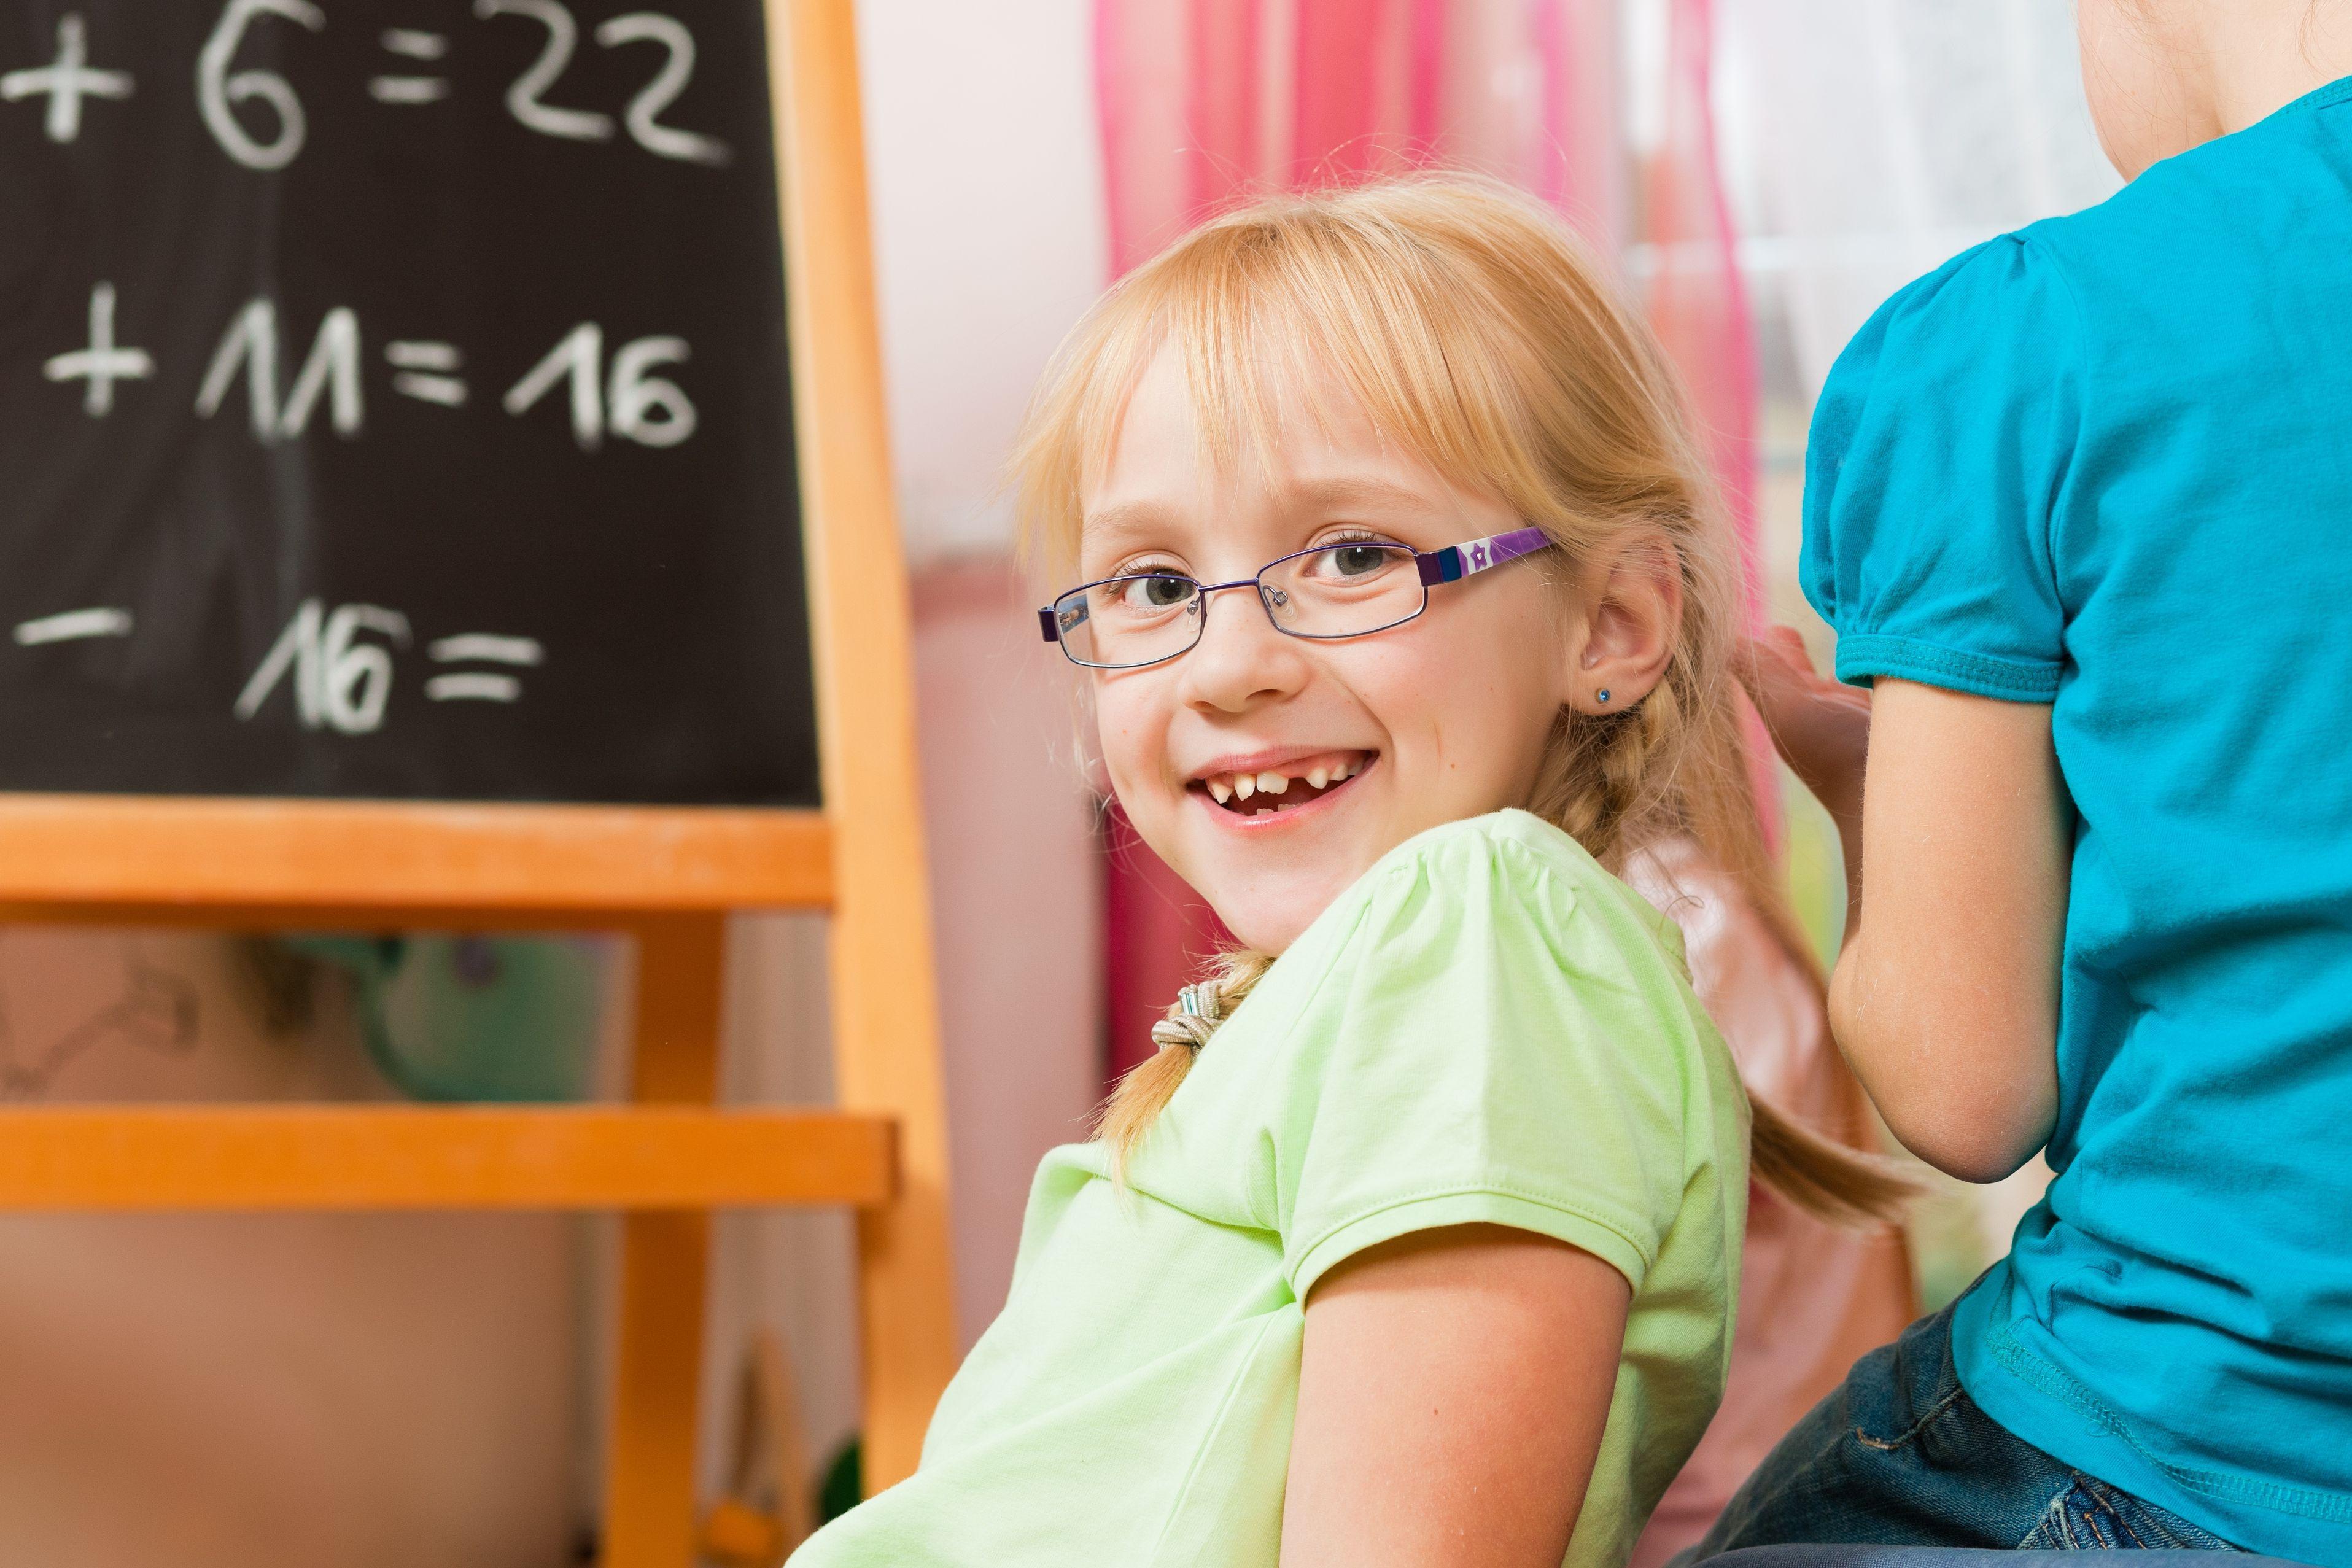 Pediatric Eye Care in Aspen Hill